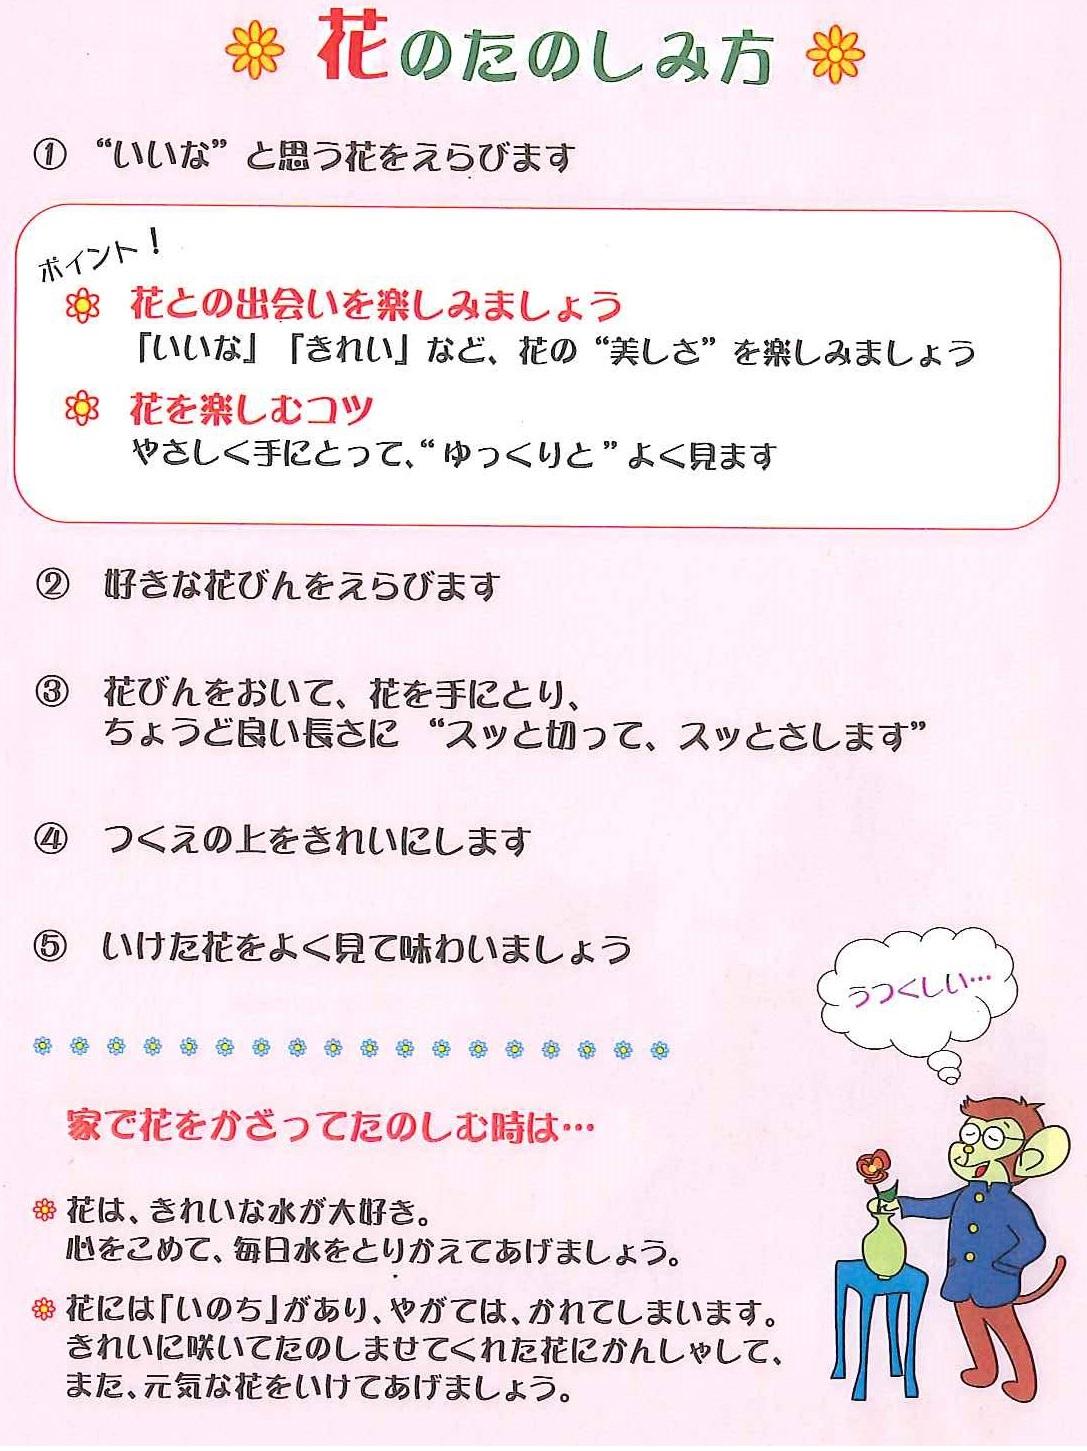 H261010_お茶とお花観賞セミナー概要 (2)